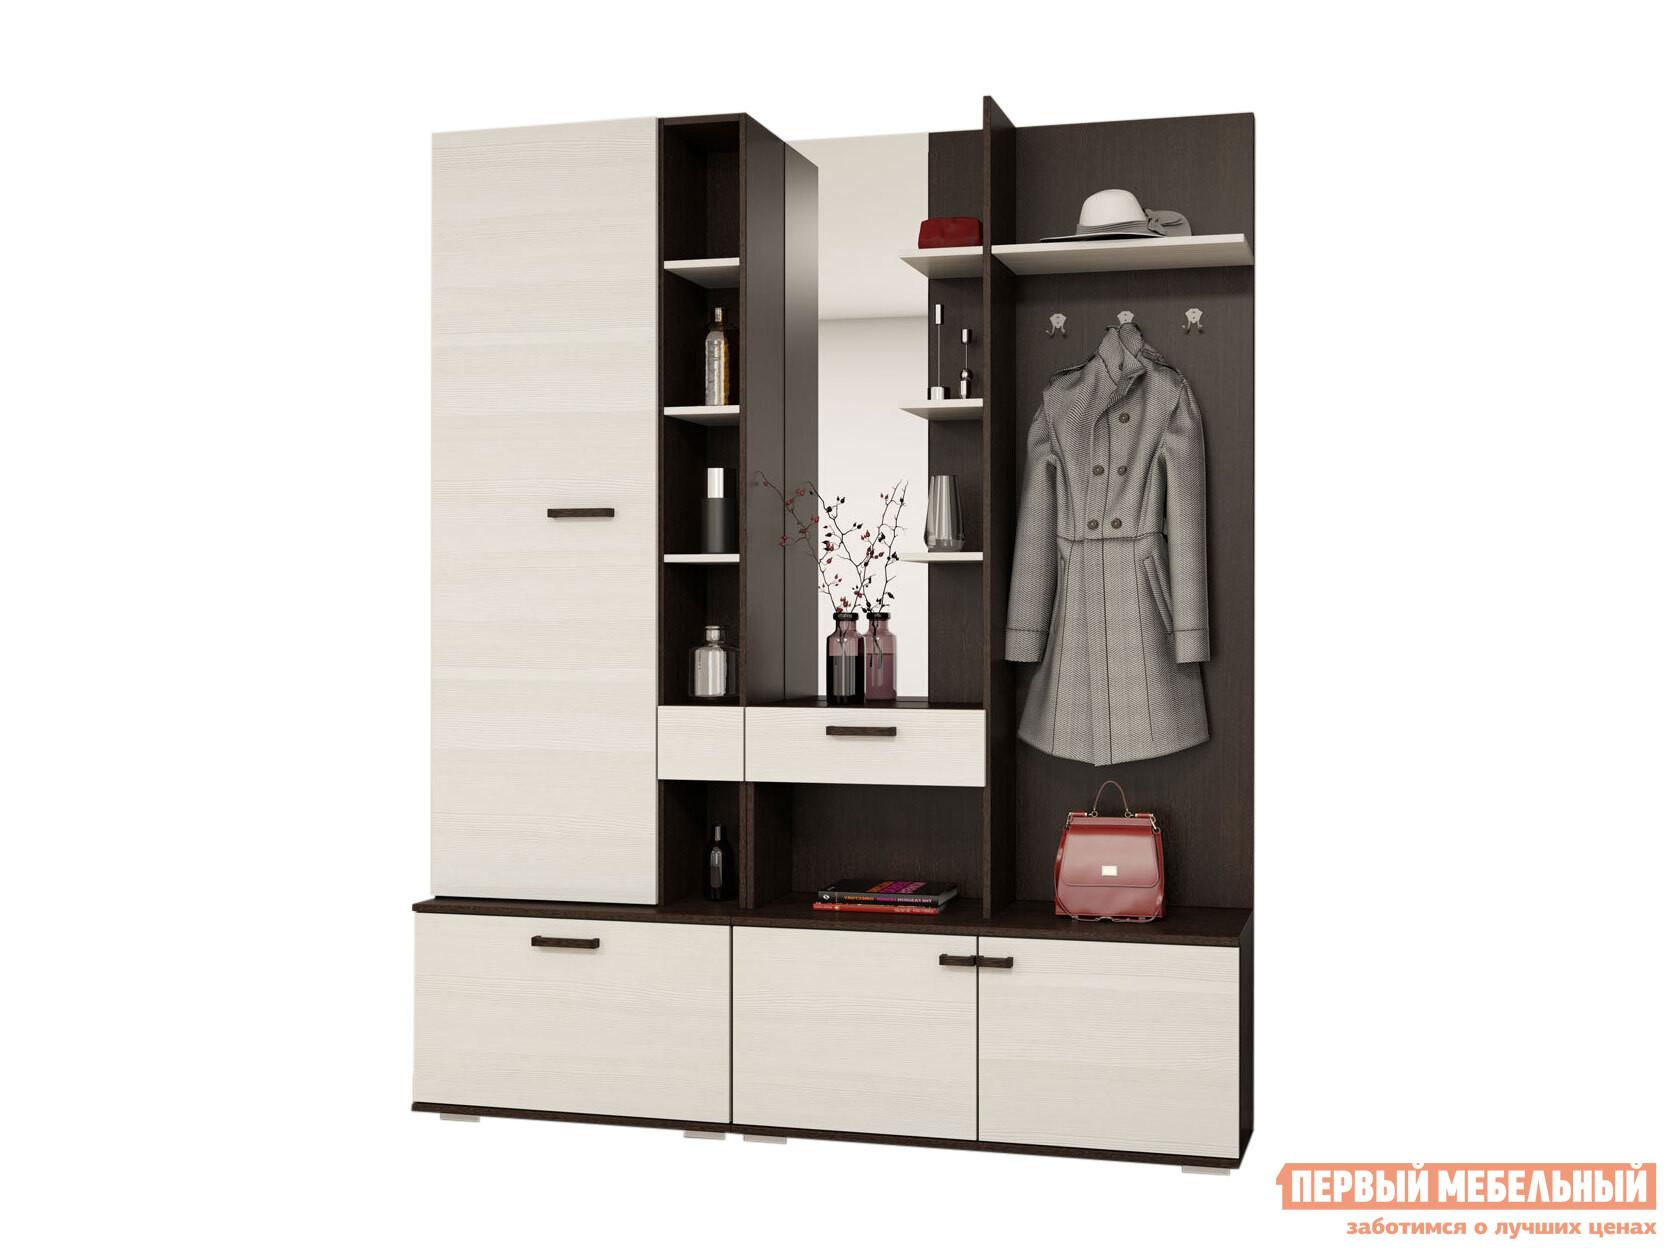 Комплект мебели для прихожей Первый Мебельный Комплект мебели для прихожей Инес